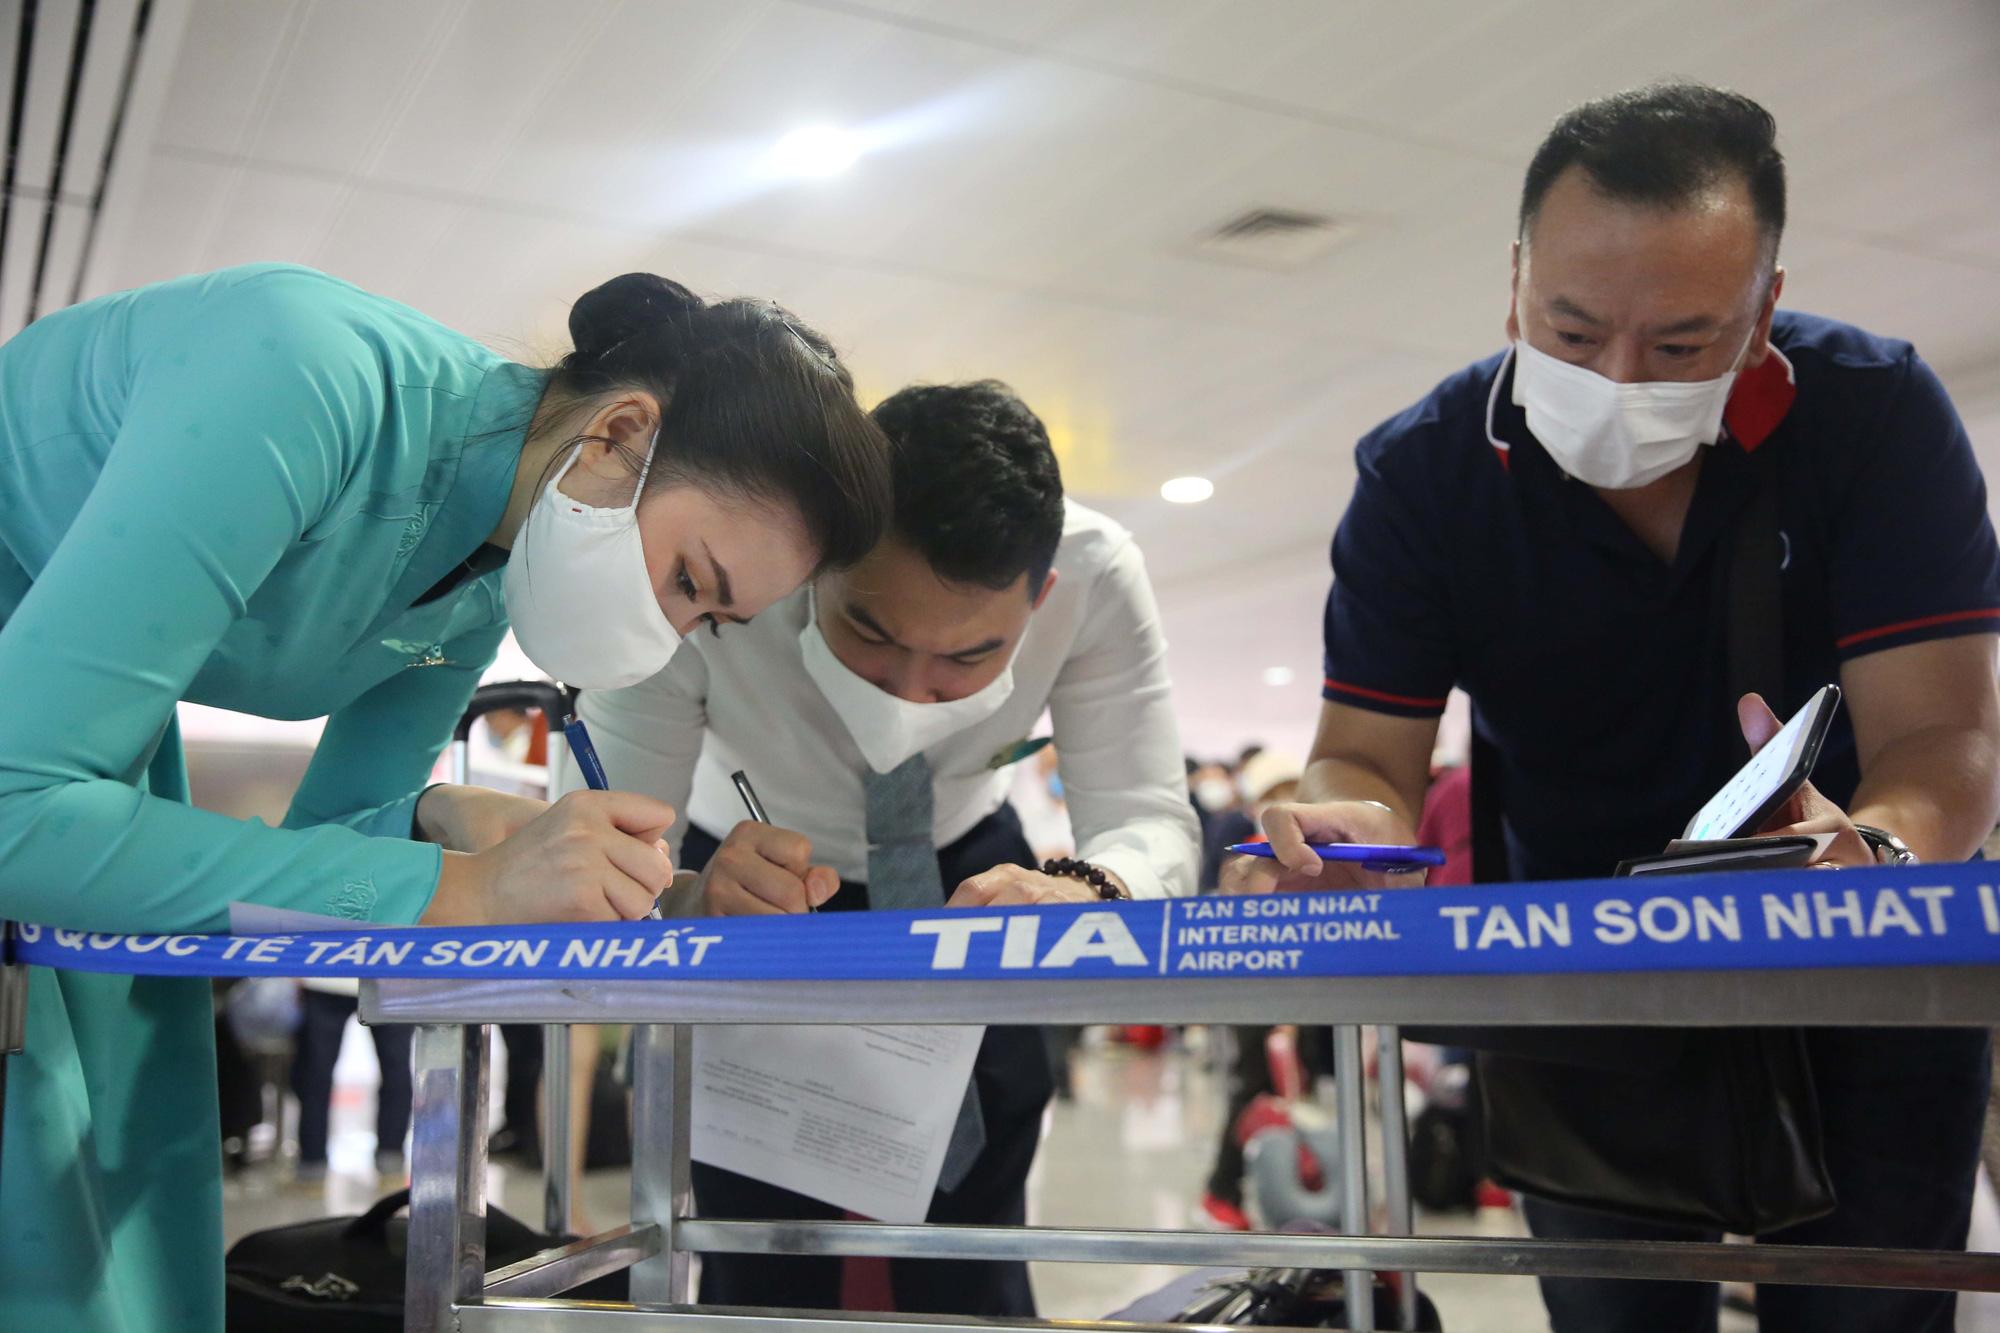 Hướng dẫn viên VNA thực hiện khai báo y tế